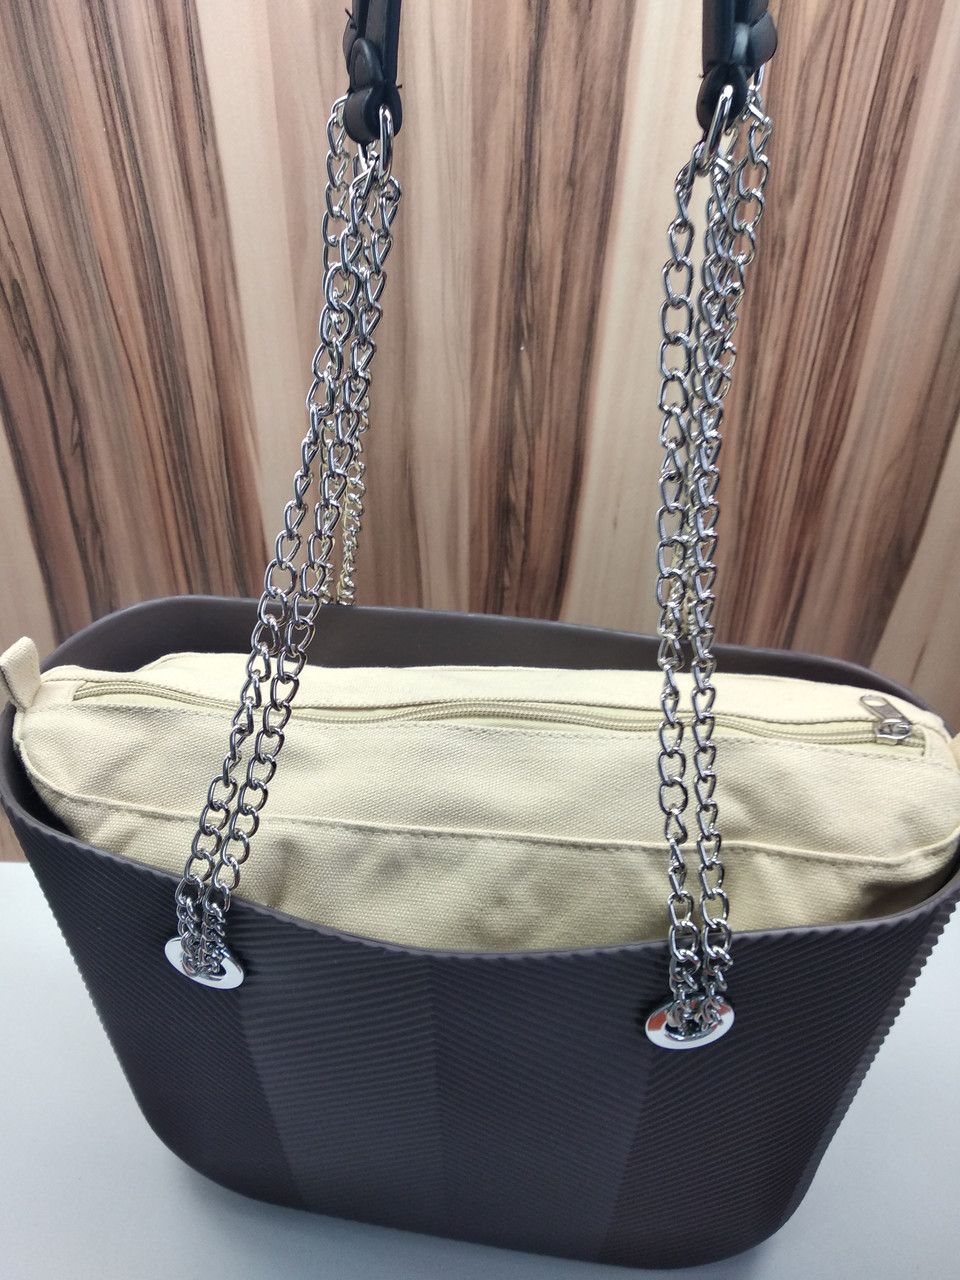 a694505737e8 Сумка IQ bag Mini Tree синий, цена 990 грн., купить в Днепре — Prom.ua  (ID#854853006)